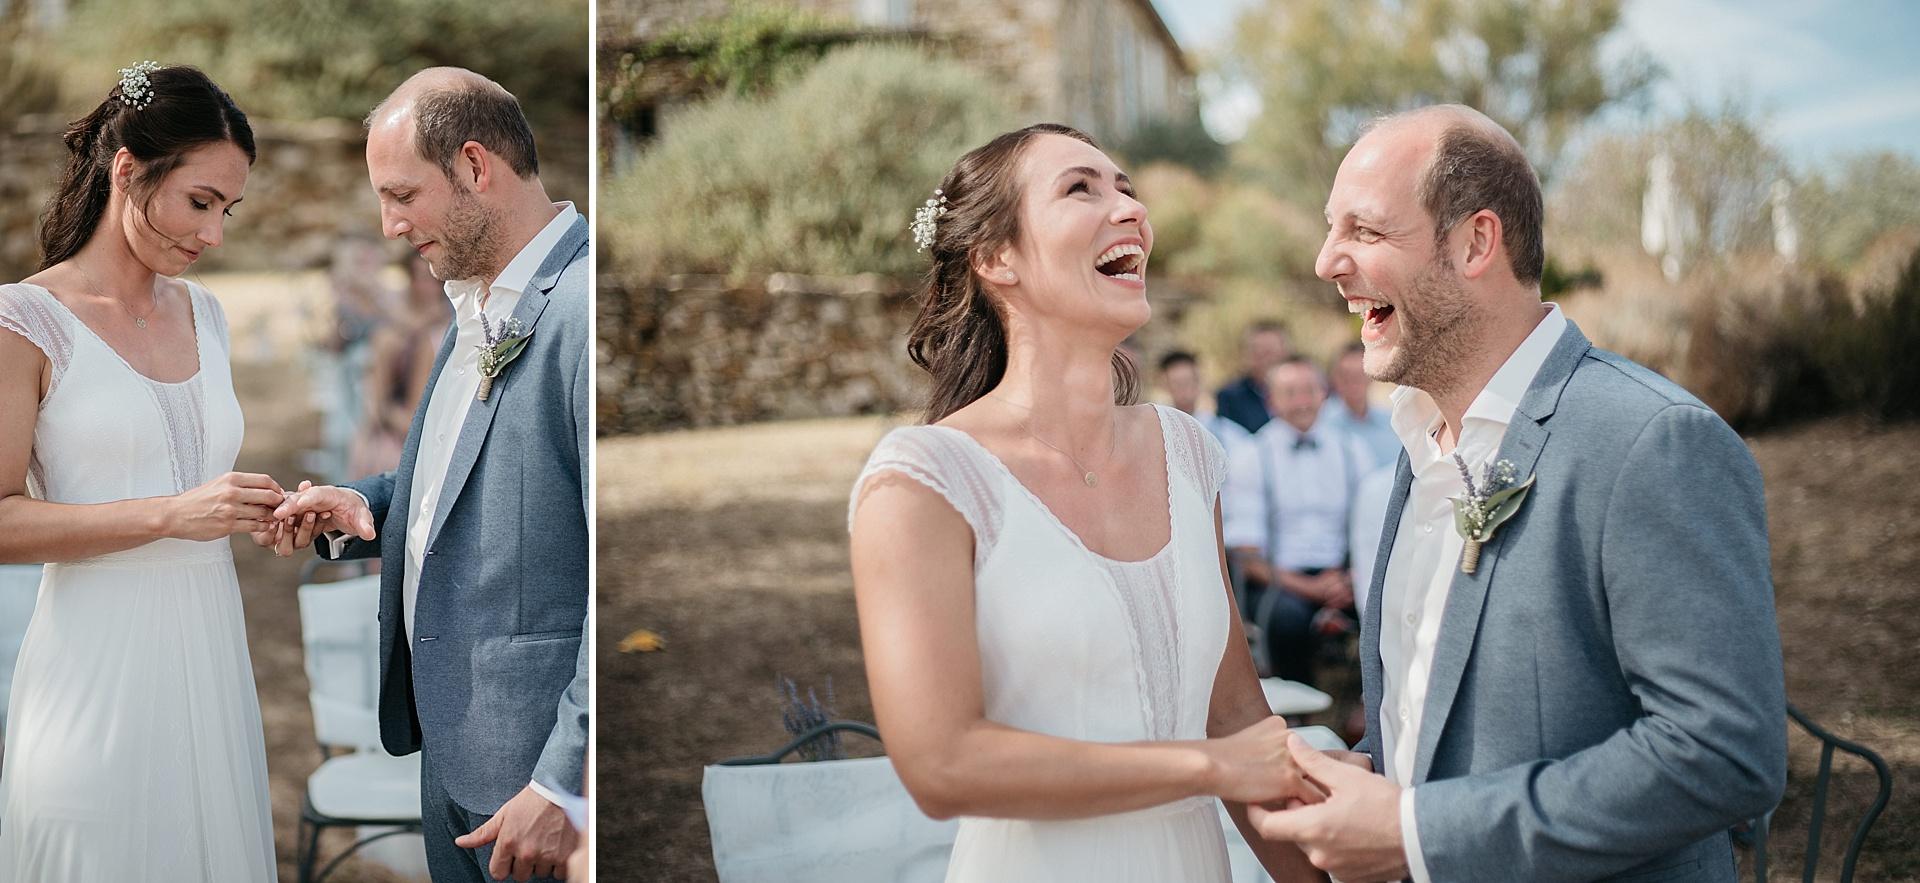 Traumhafte Hochzeit in der Provence. Die Ringübergabe.